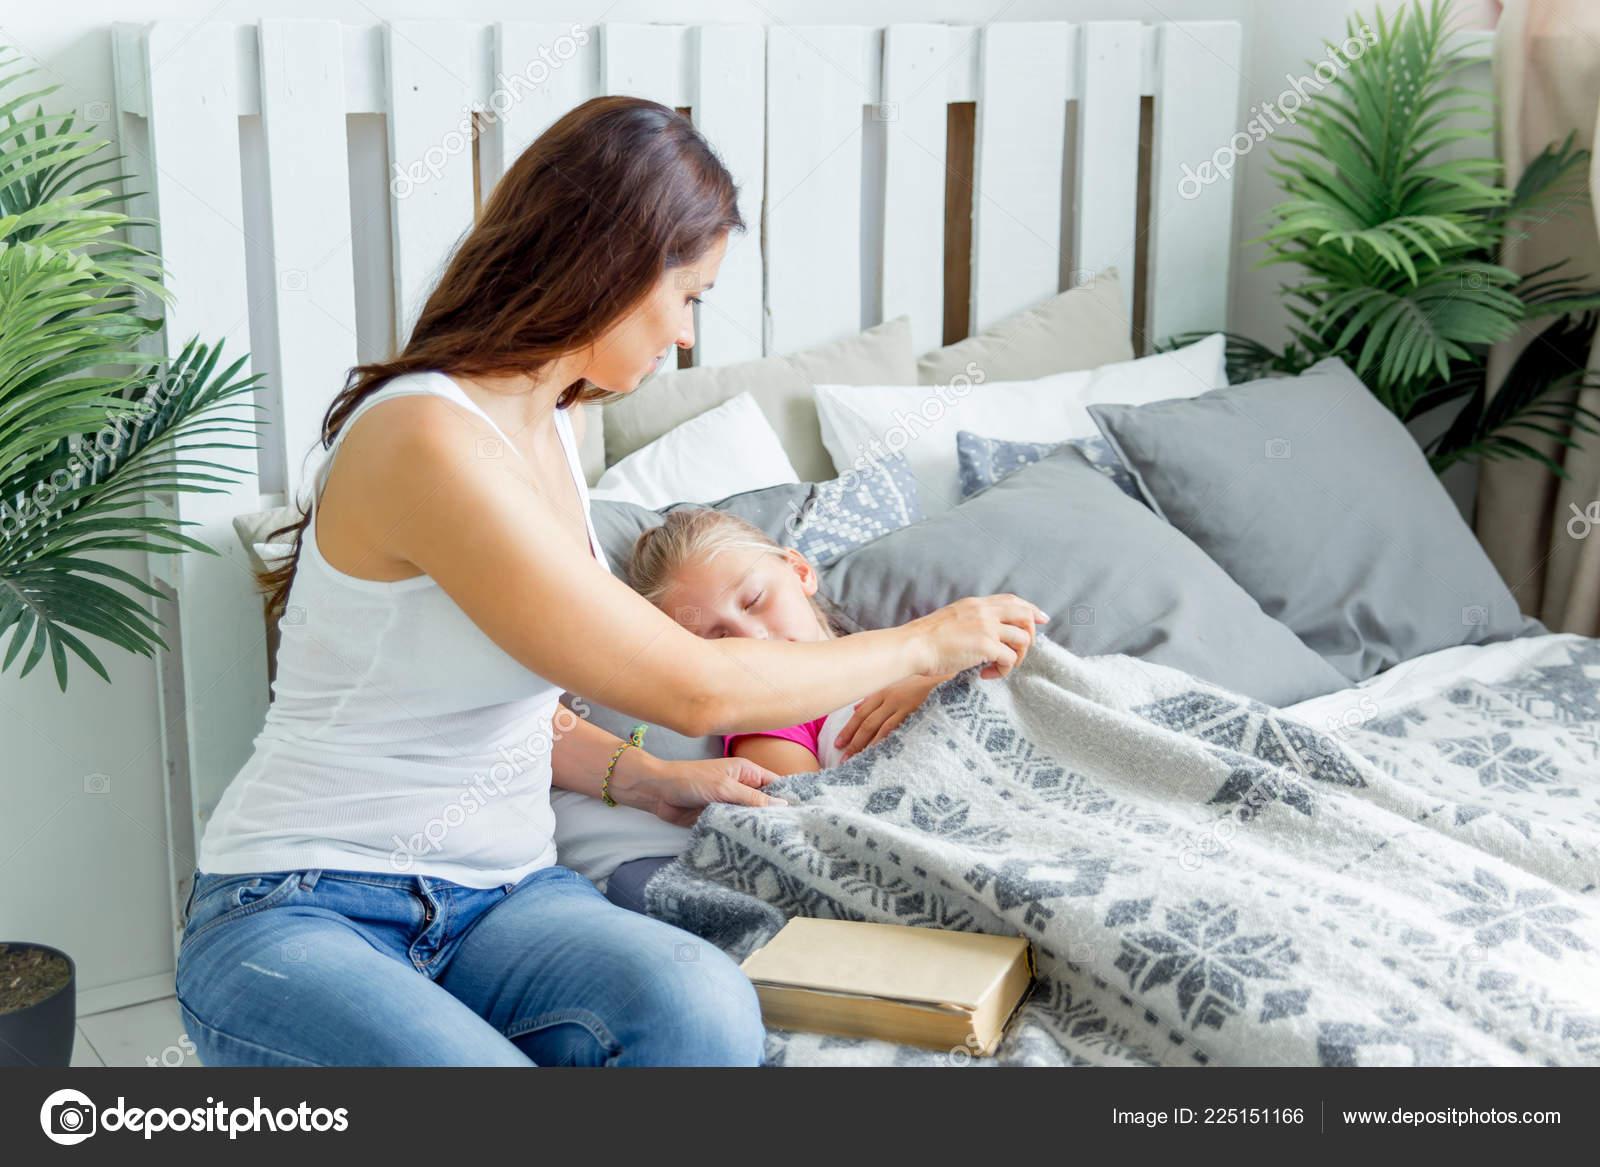 Трахает мать и кончает внутрь, Кончил в маму порно видео, кончил в мамку, маме 22 фотография